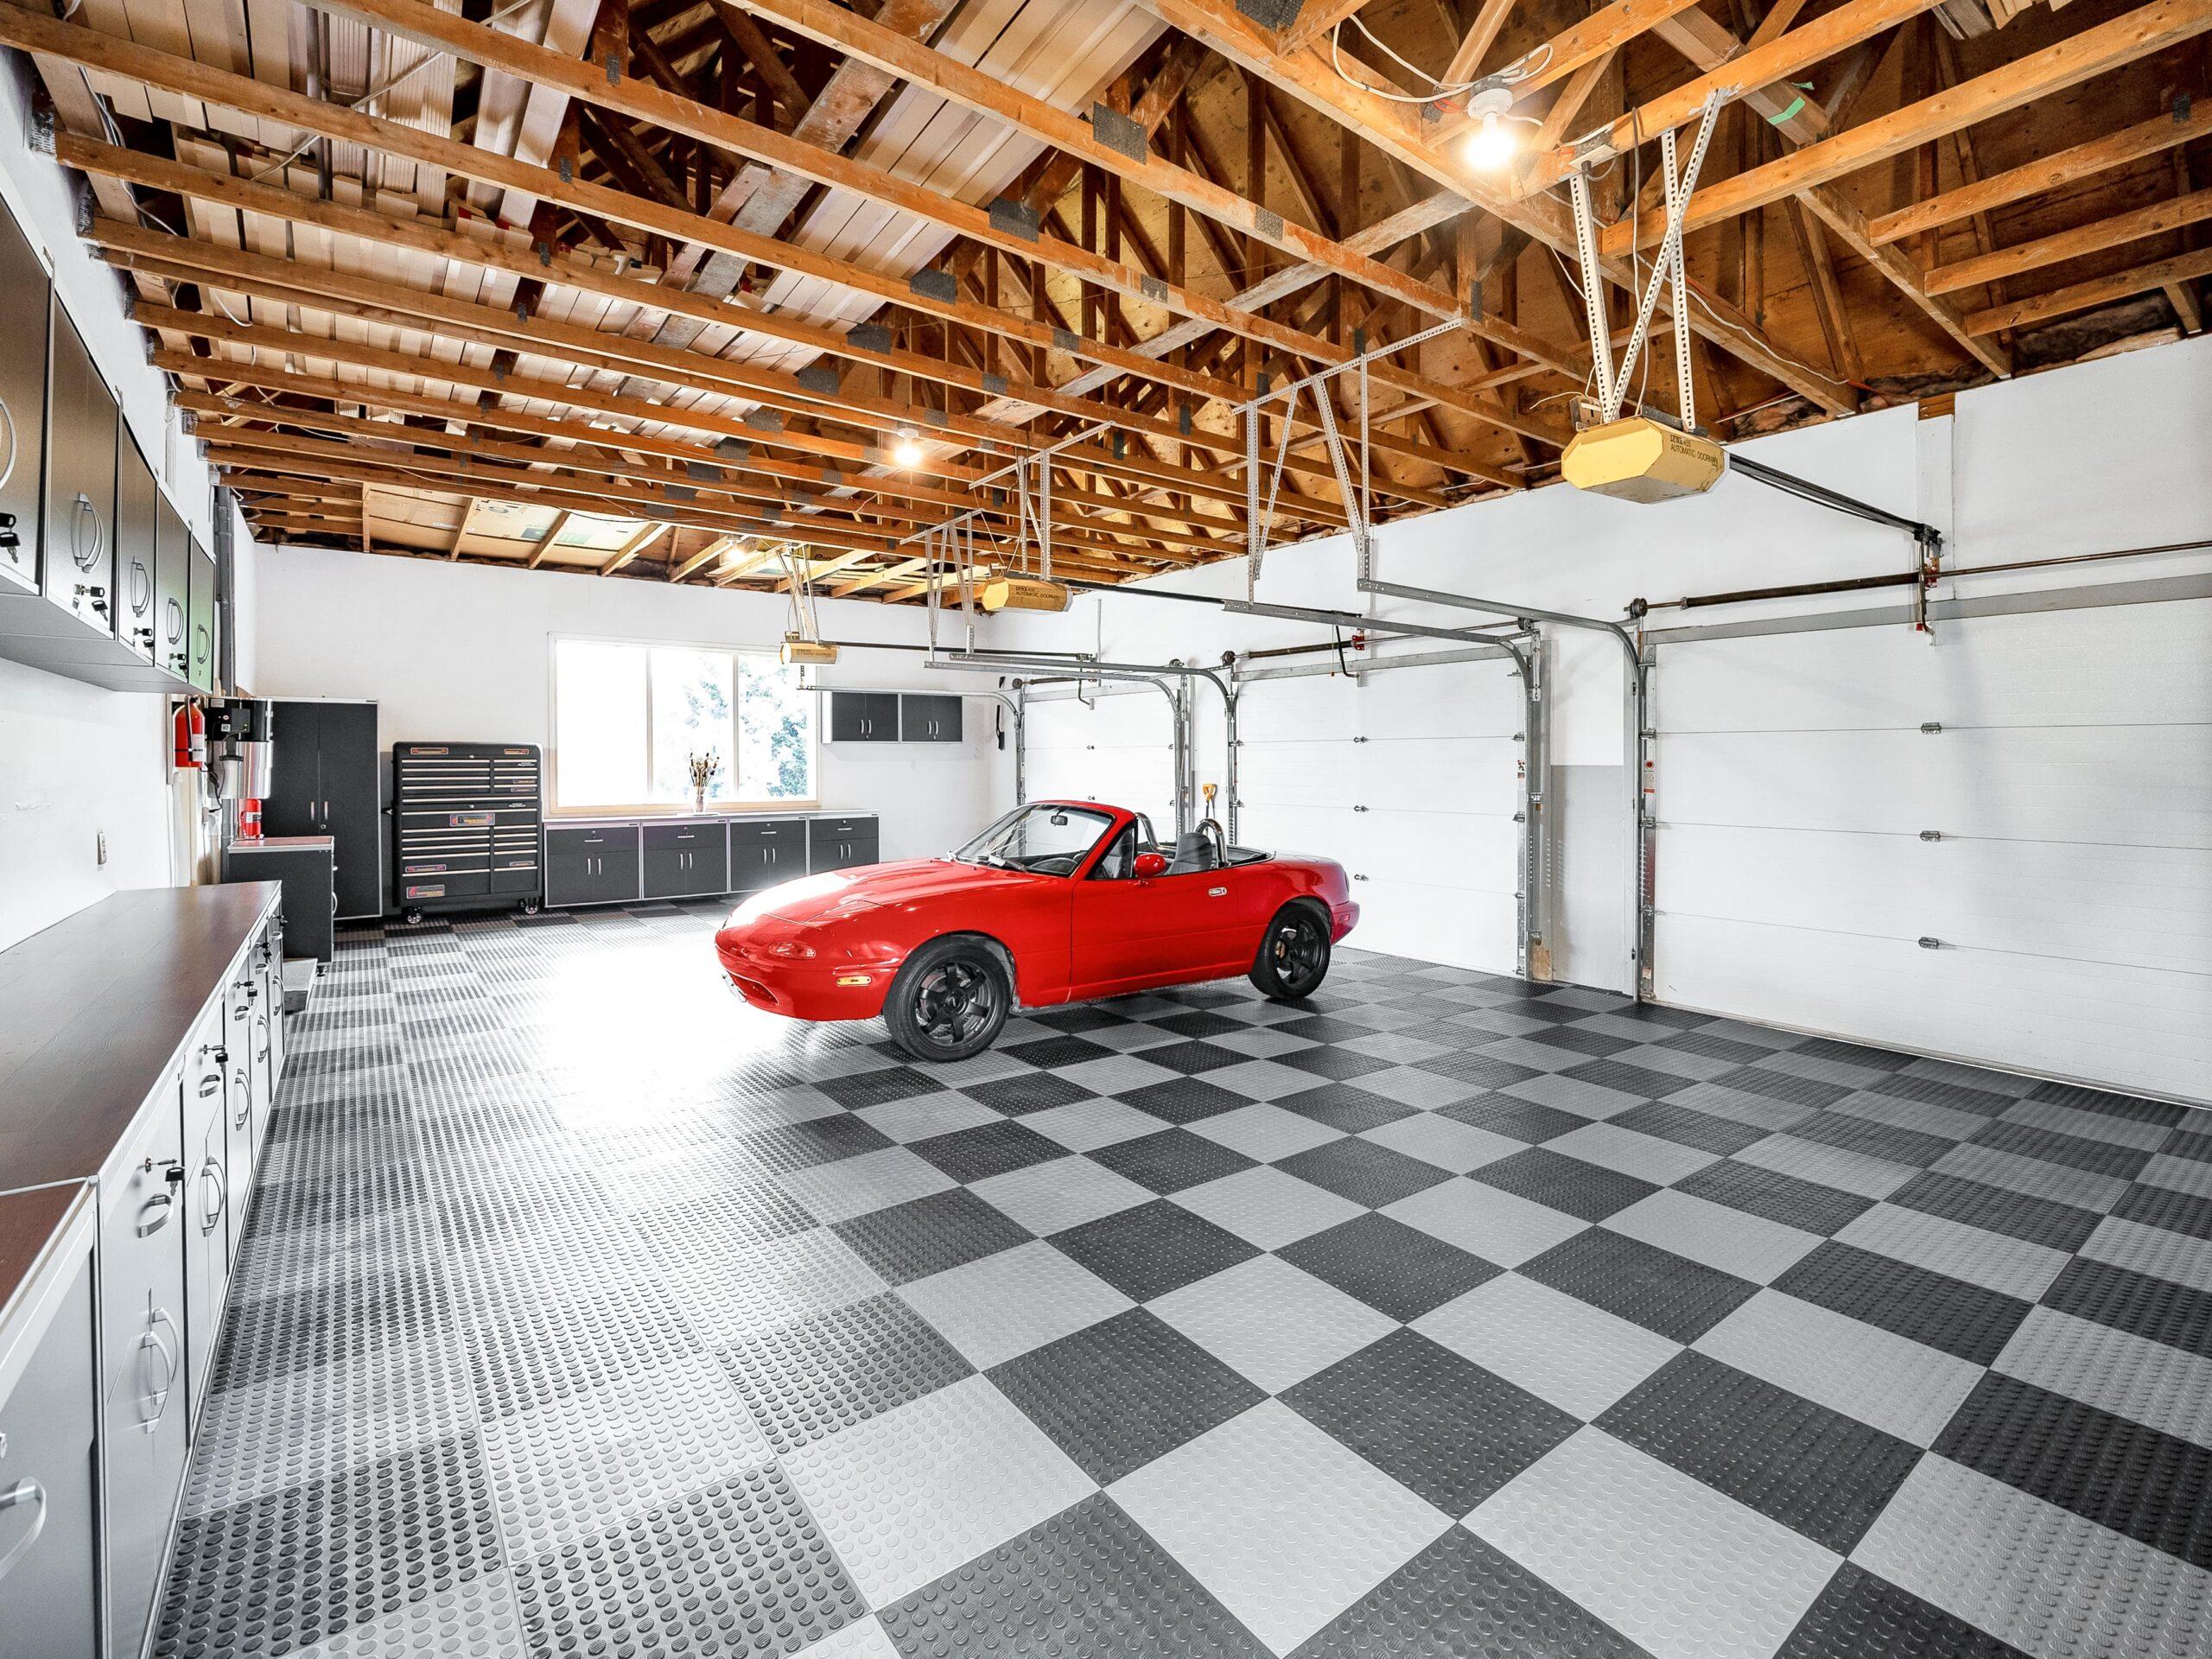 073-Garage-4200x3150-min